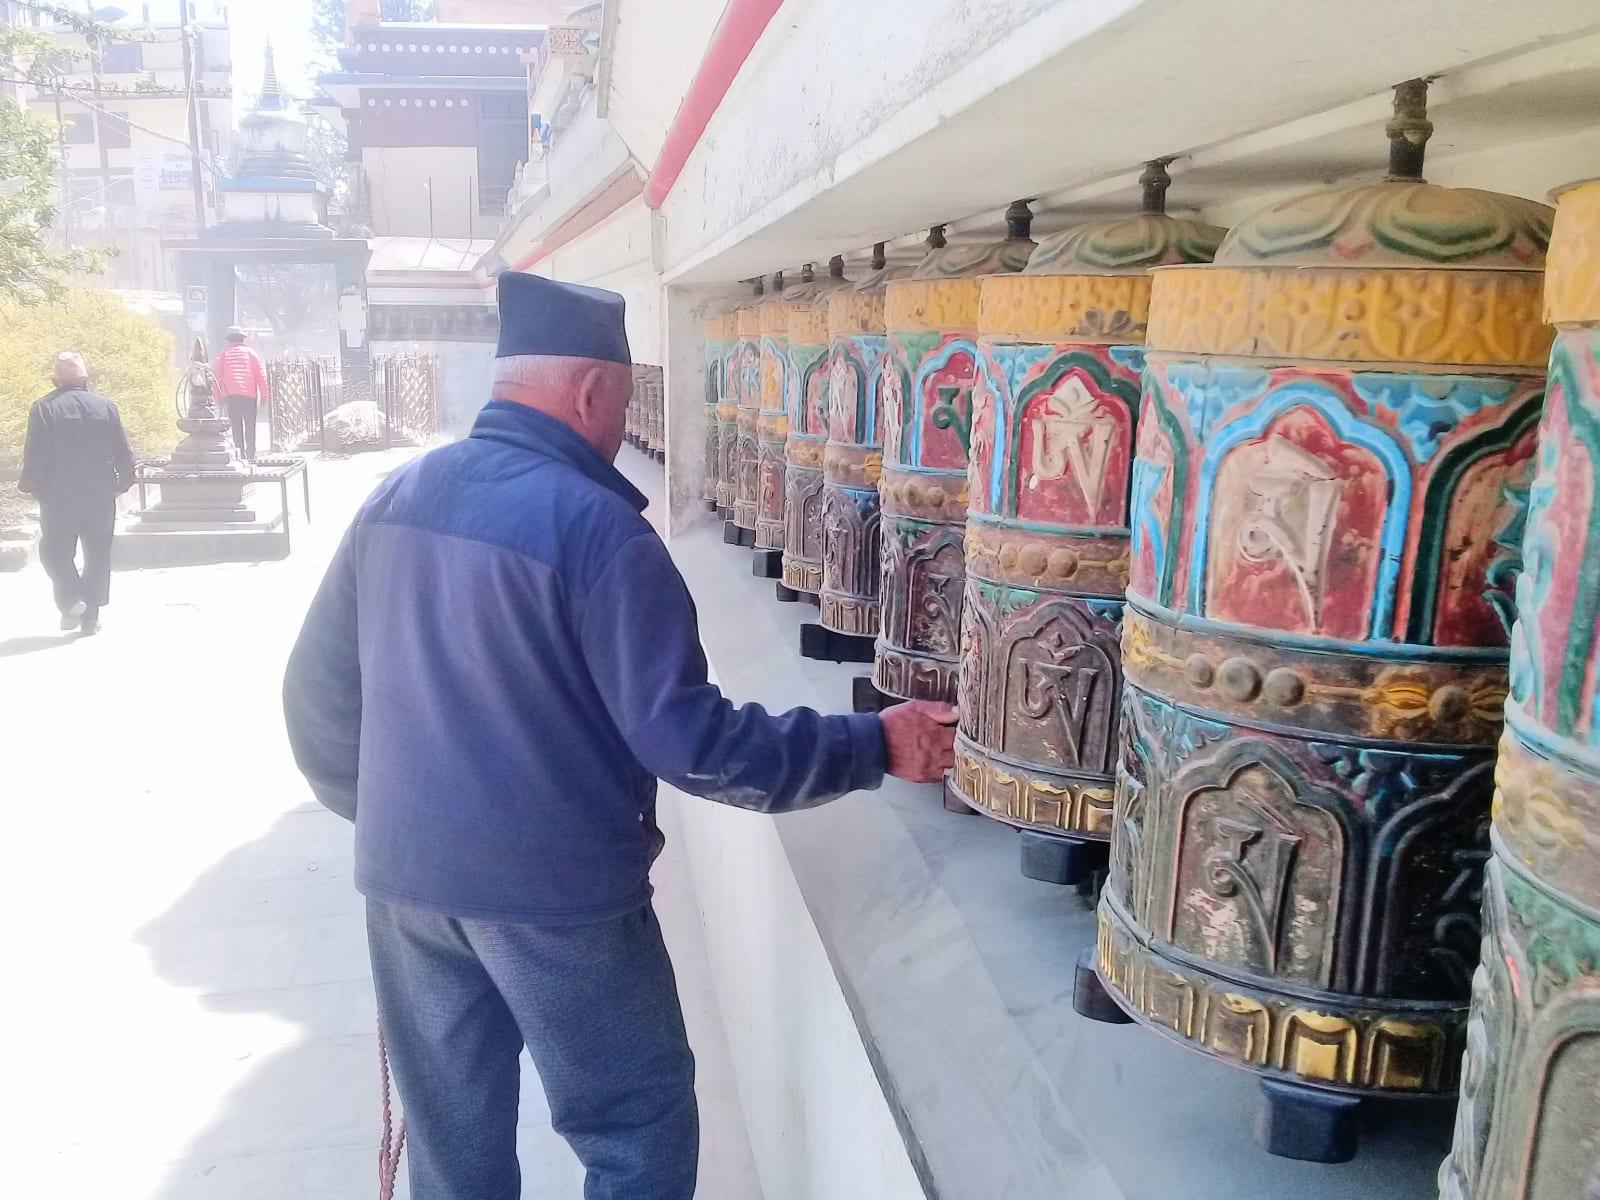 Óm mani padmé húm na modlitebních válcích, Káthmándů, Nepál